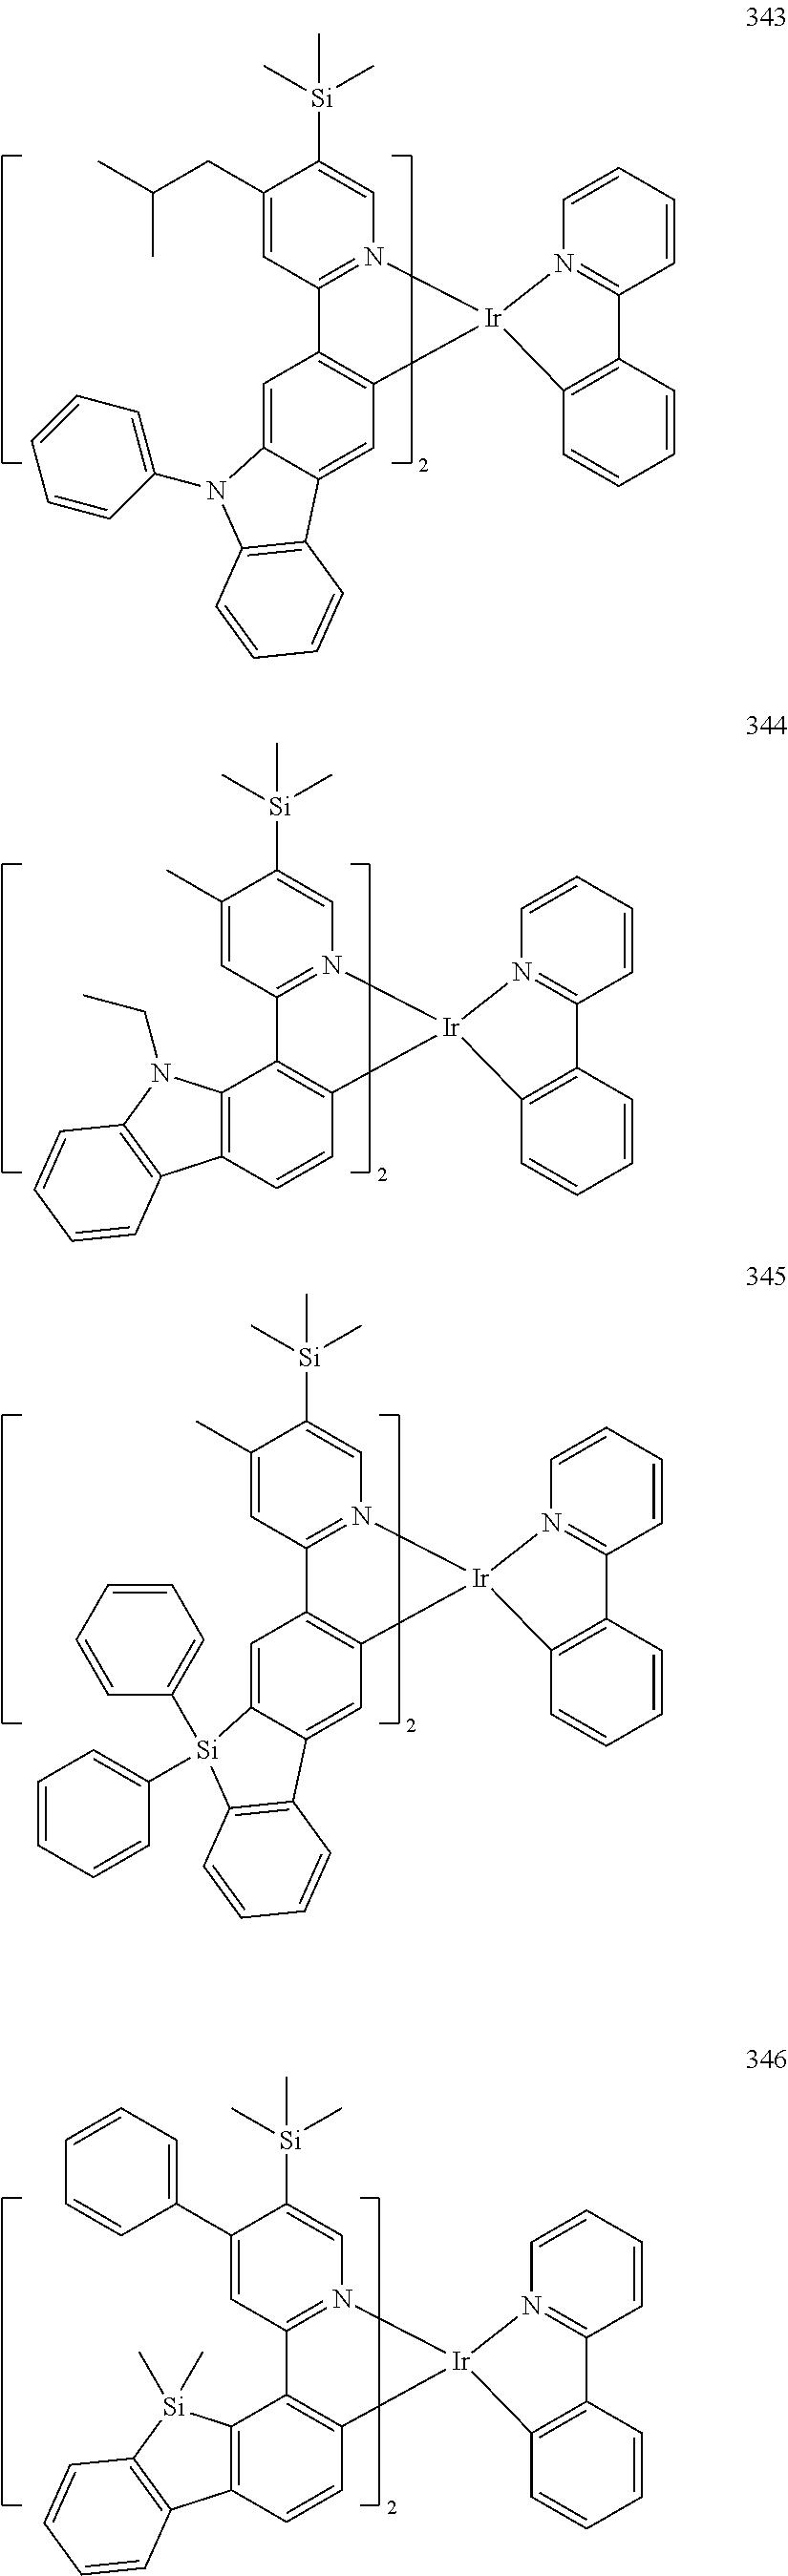 Figure US20160155962A1-20160602-C00425